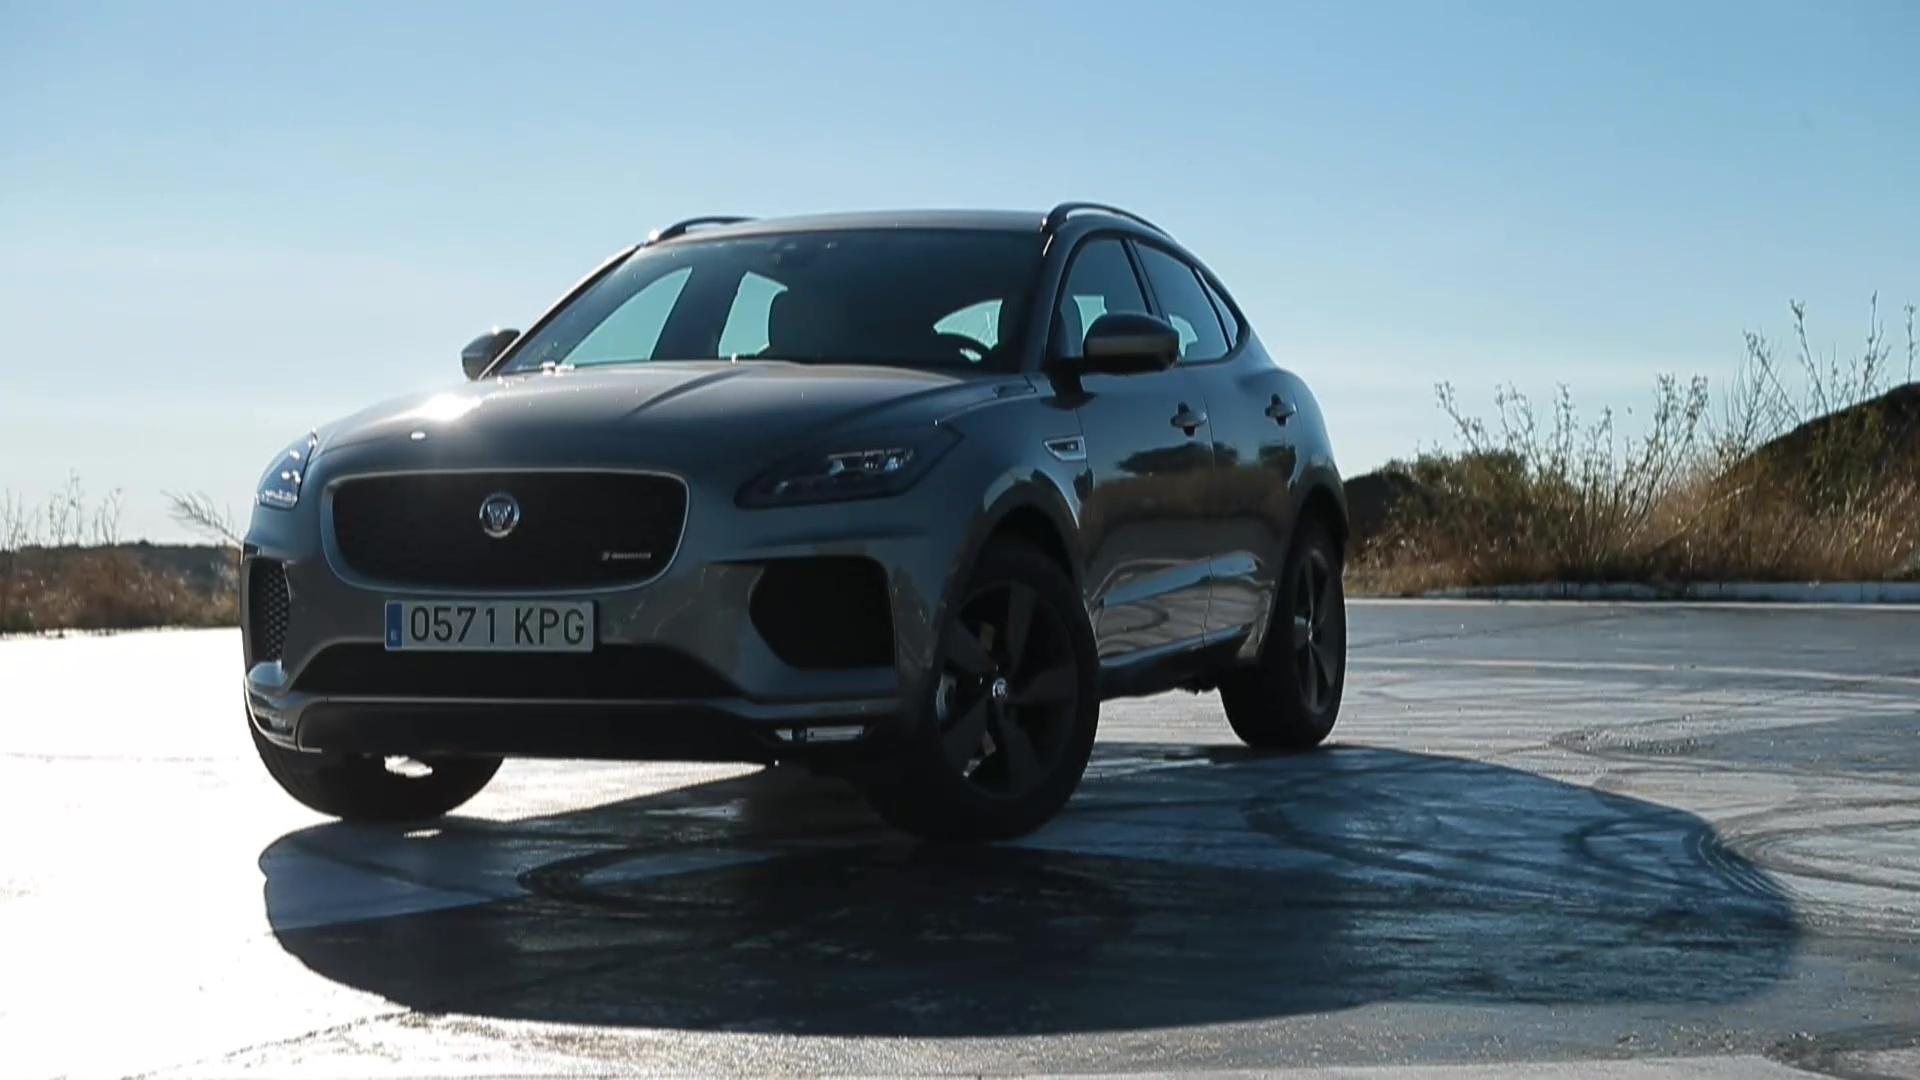 Temporada 2018 Progr. 1.157 - Por qué el E-Pace es uno de los modelos más vendidos de Jaguar